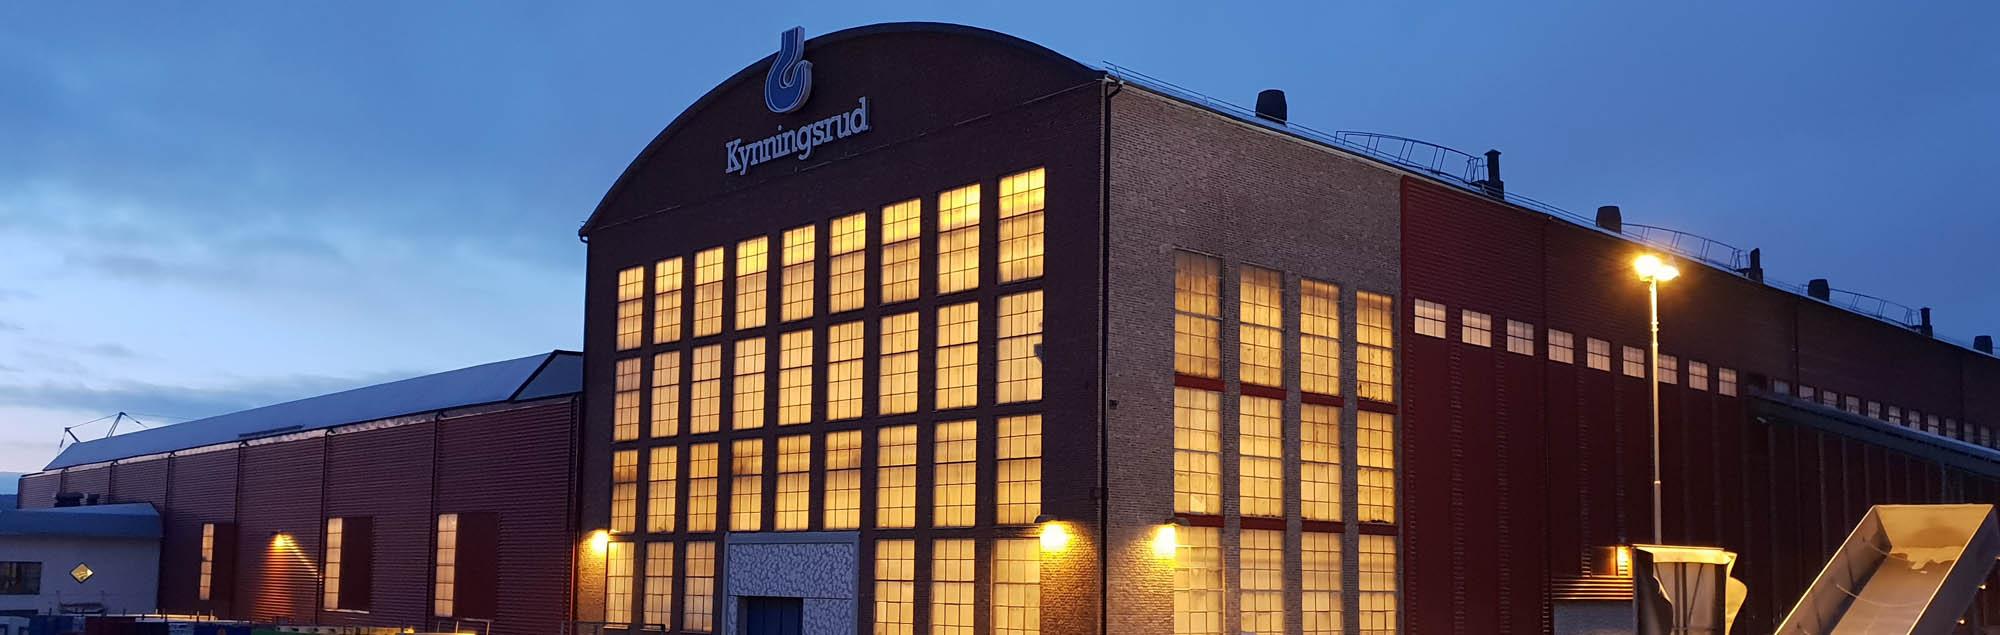 HeidelbergCement kjøper Kynningsrud Prefab